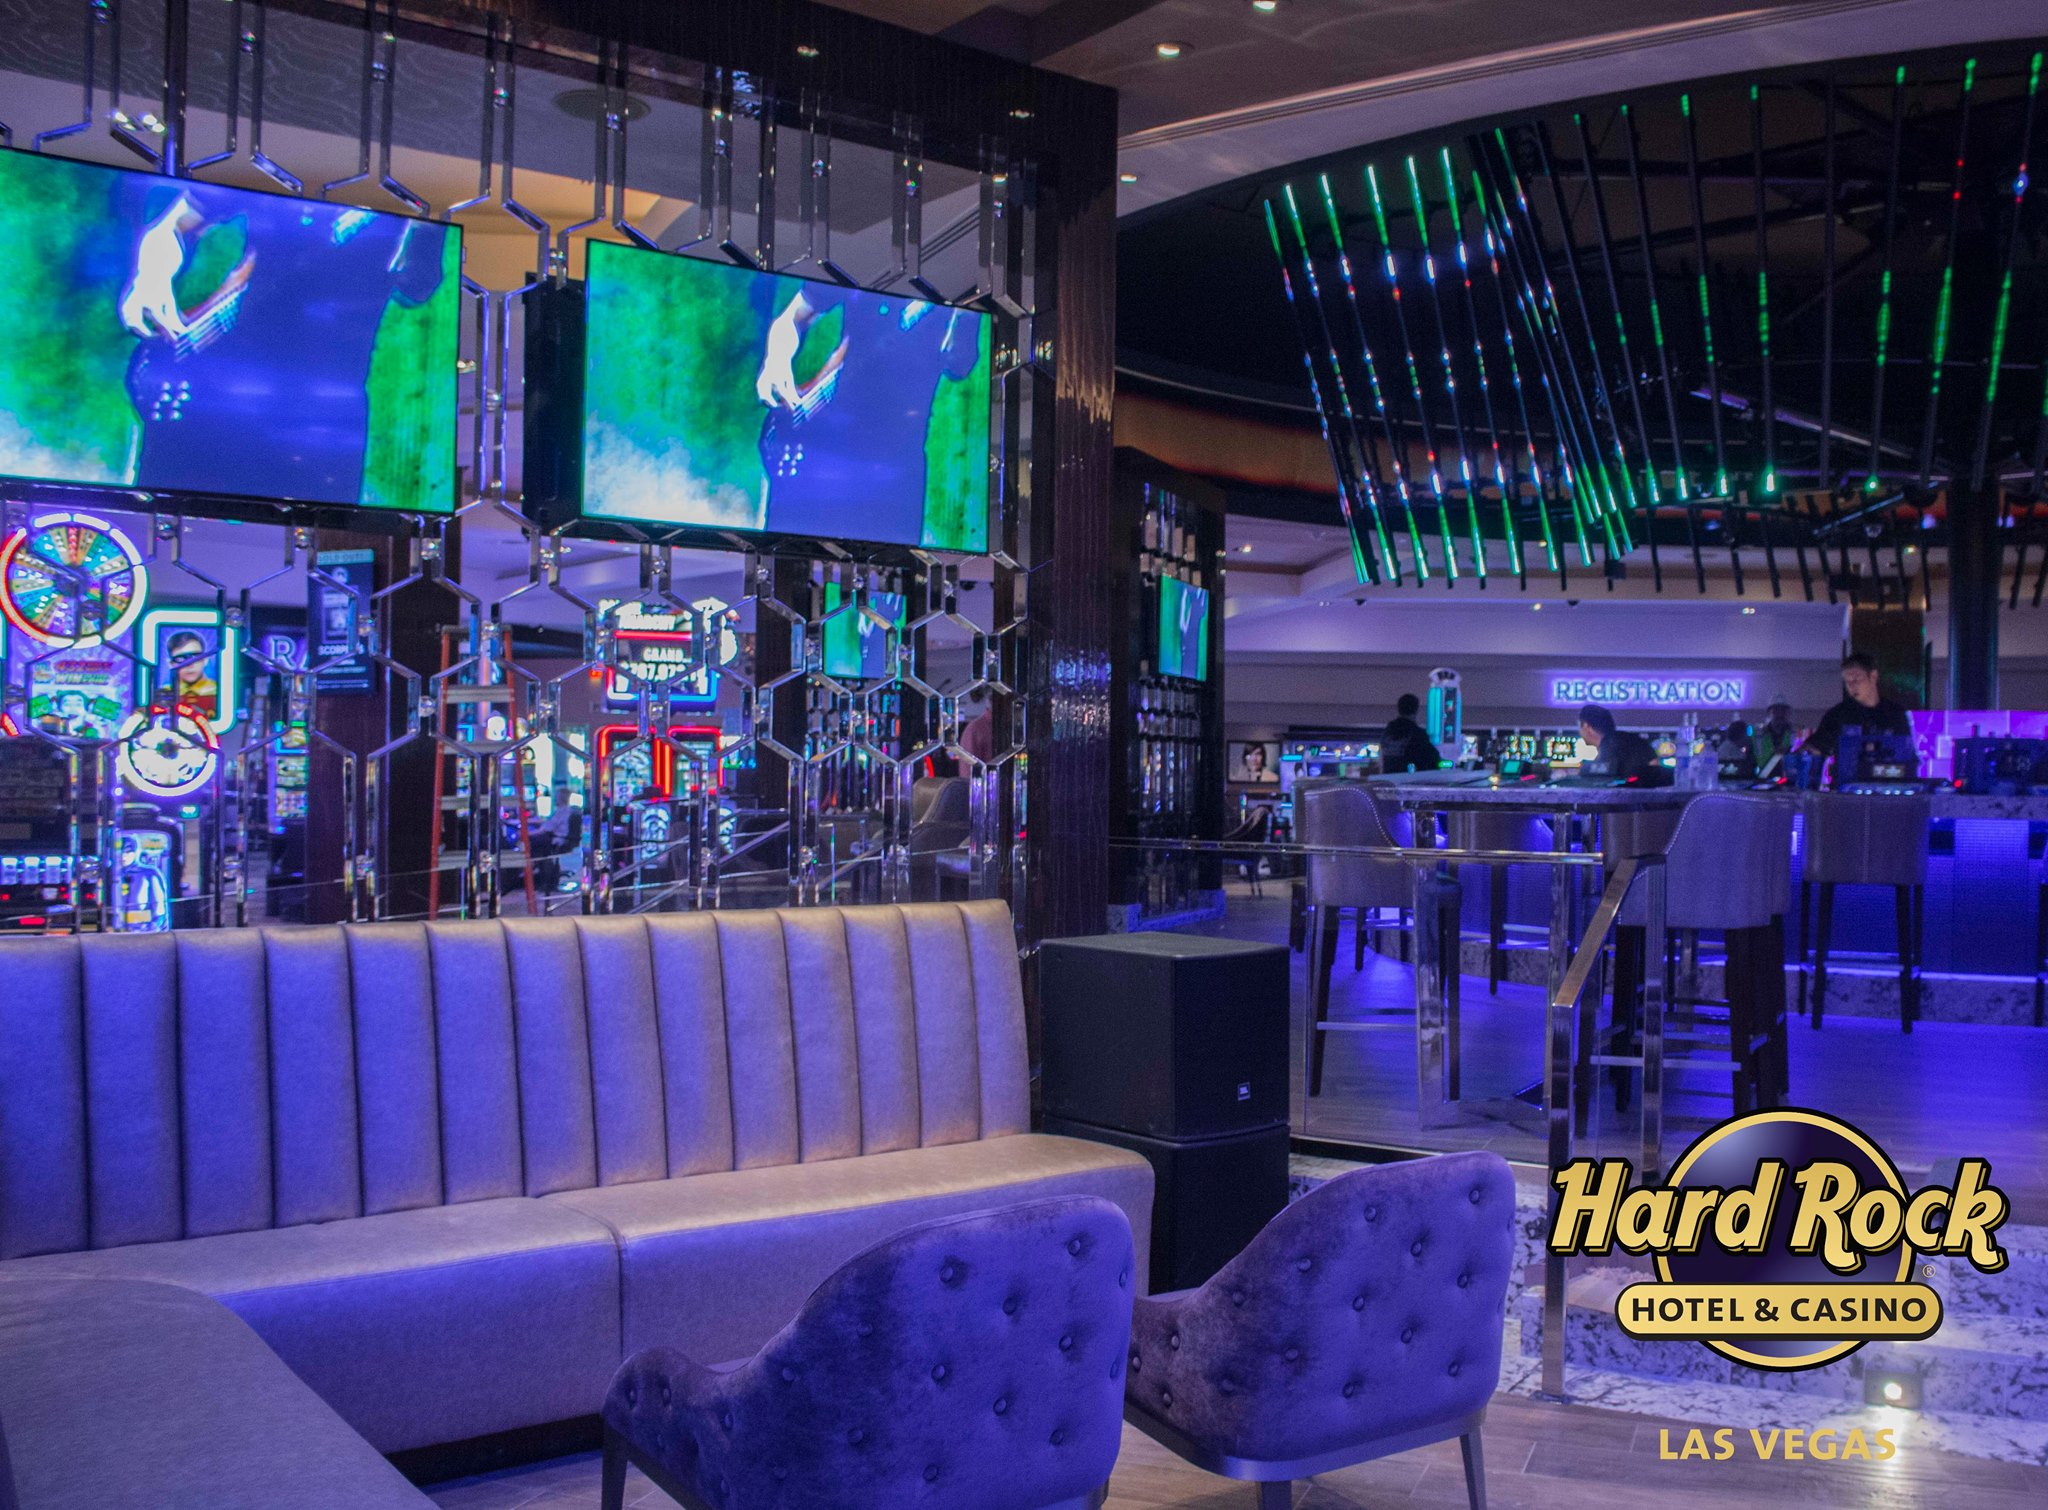 The Hard Rock Hotel & Casino Center Bar